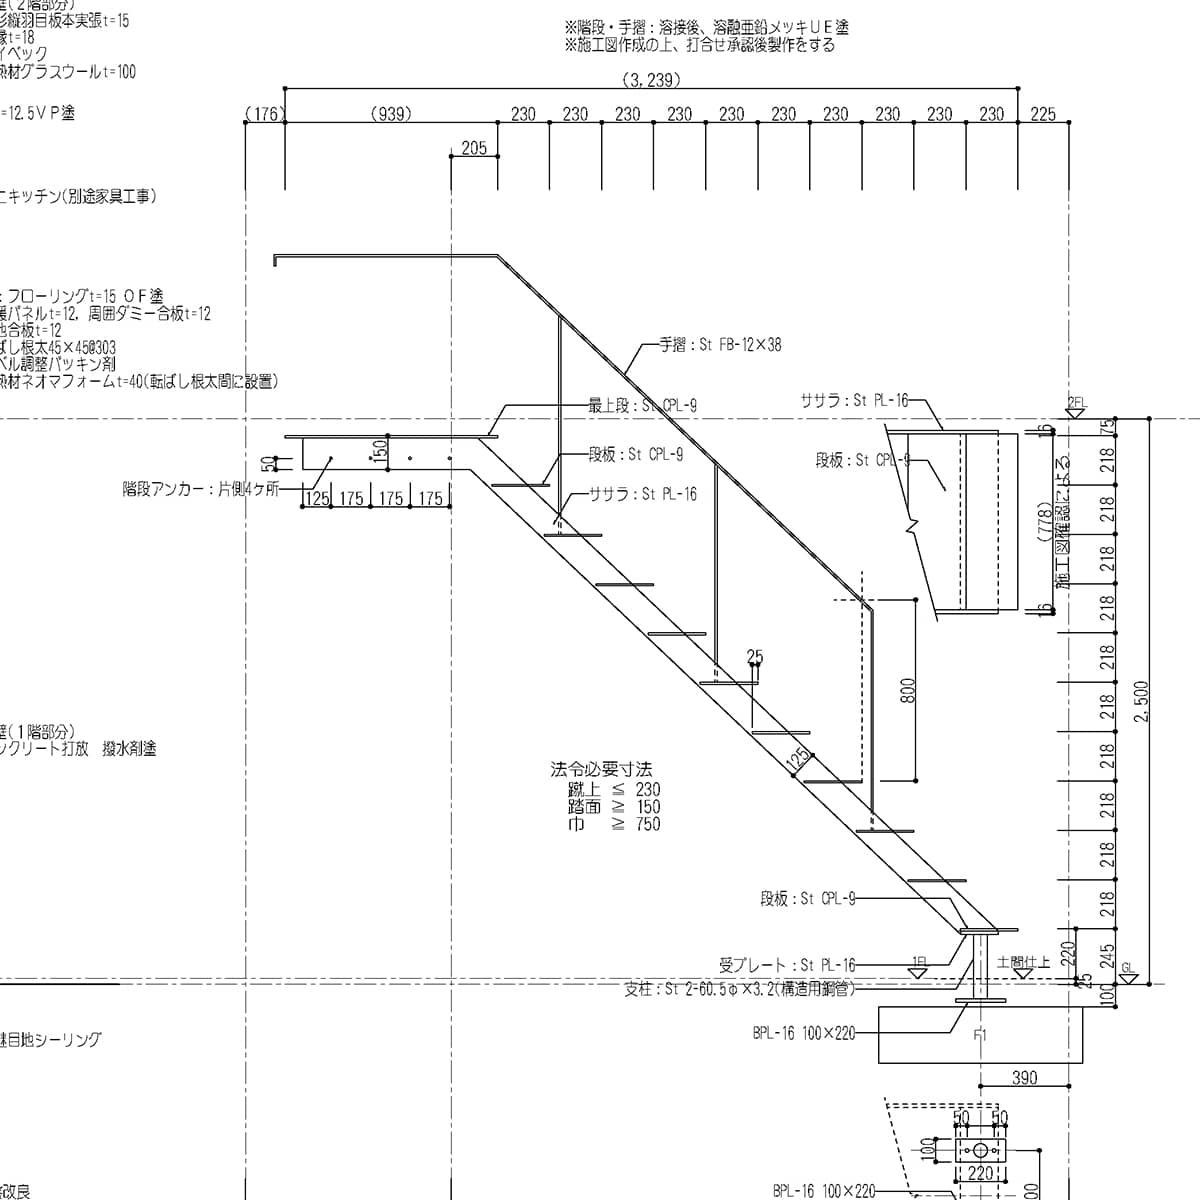 コラム046 階段の見せ方 階段 図面 詳細図面 鉄骨階段